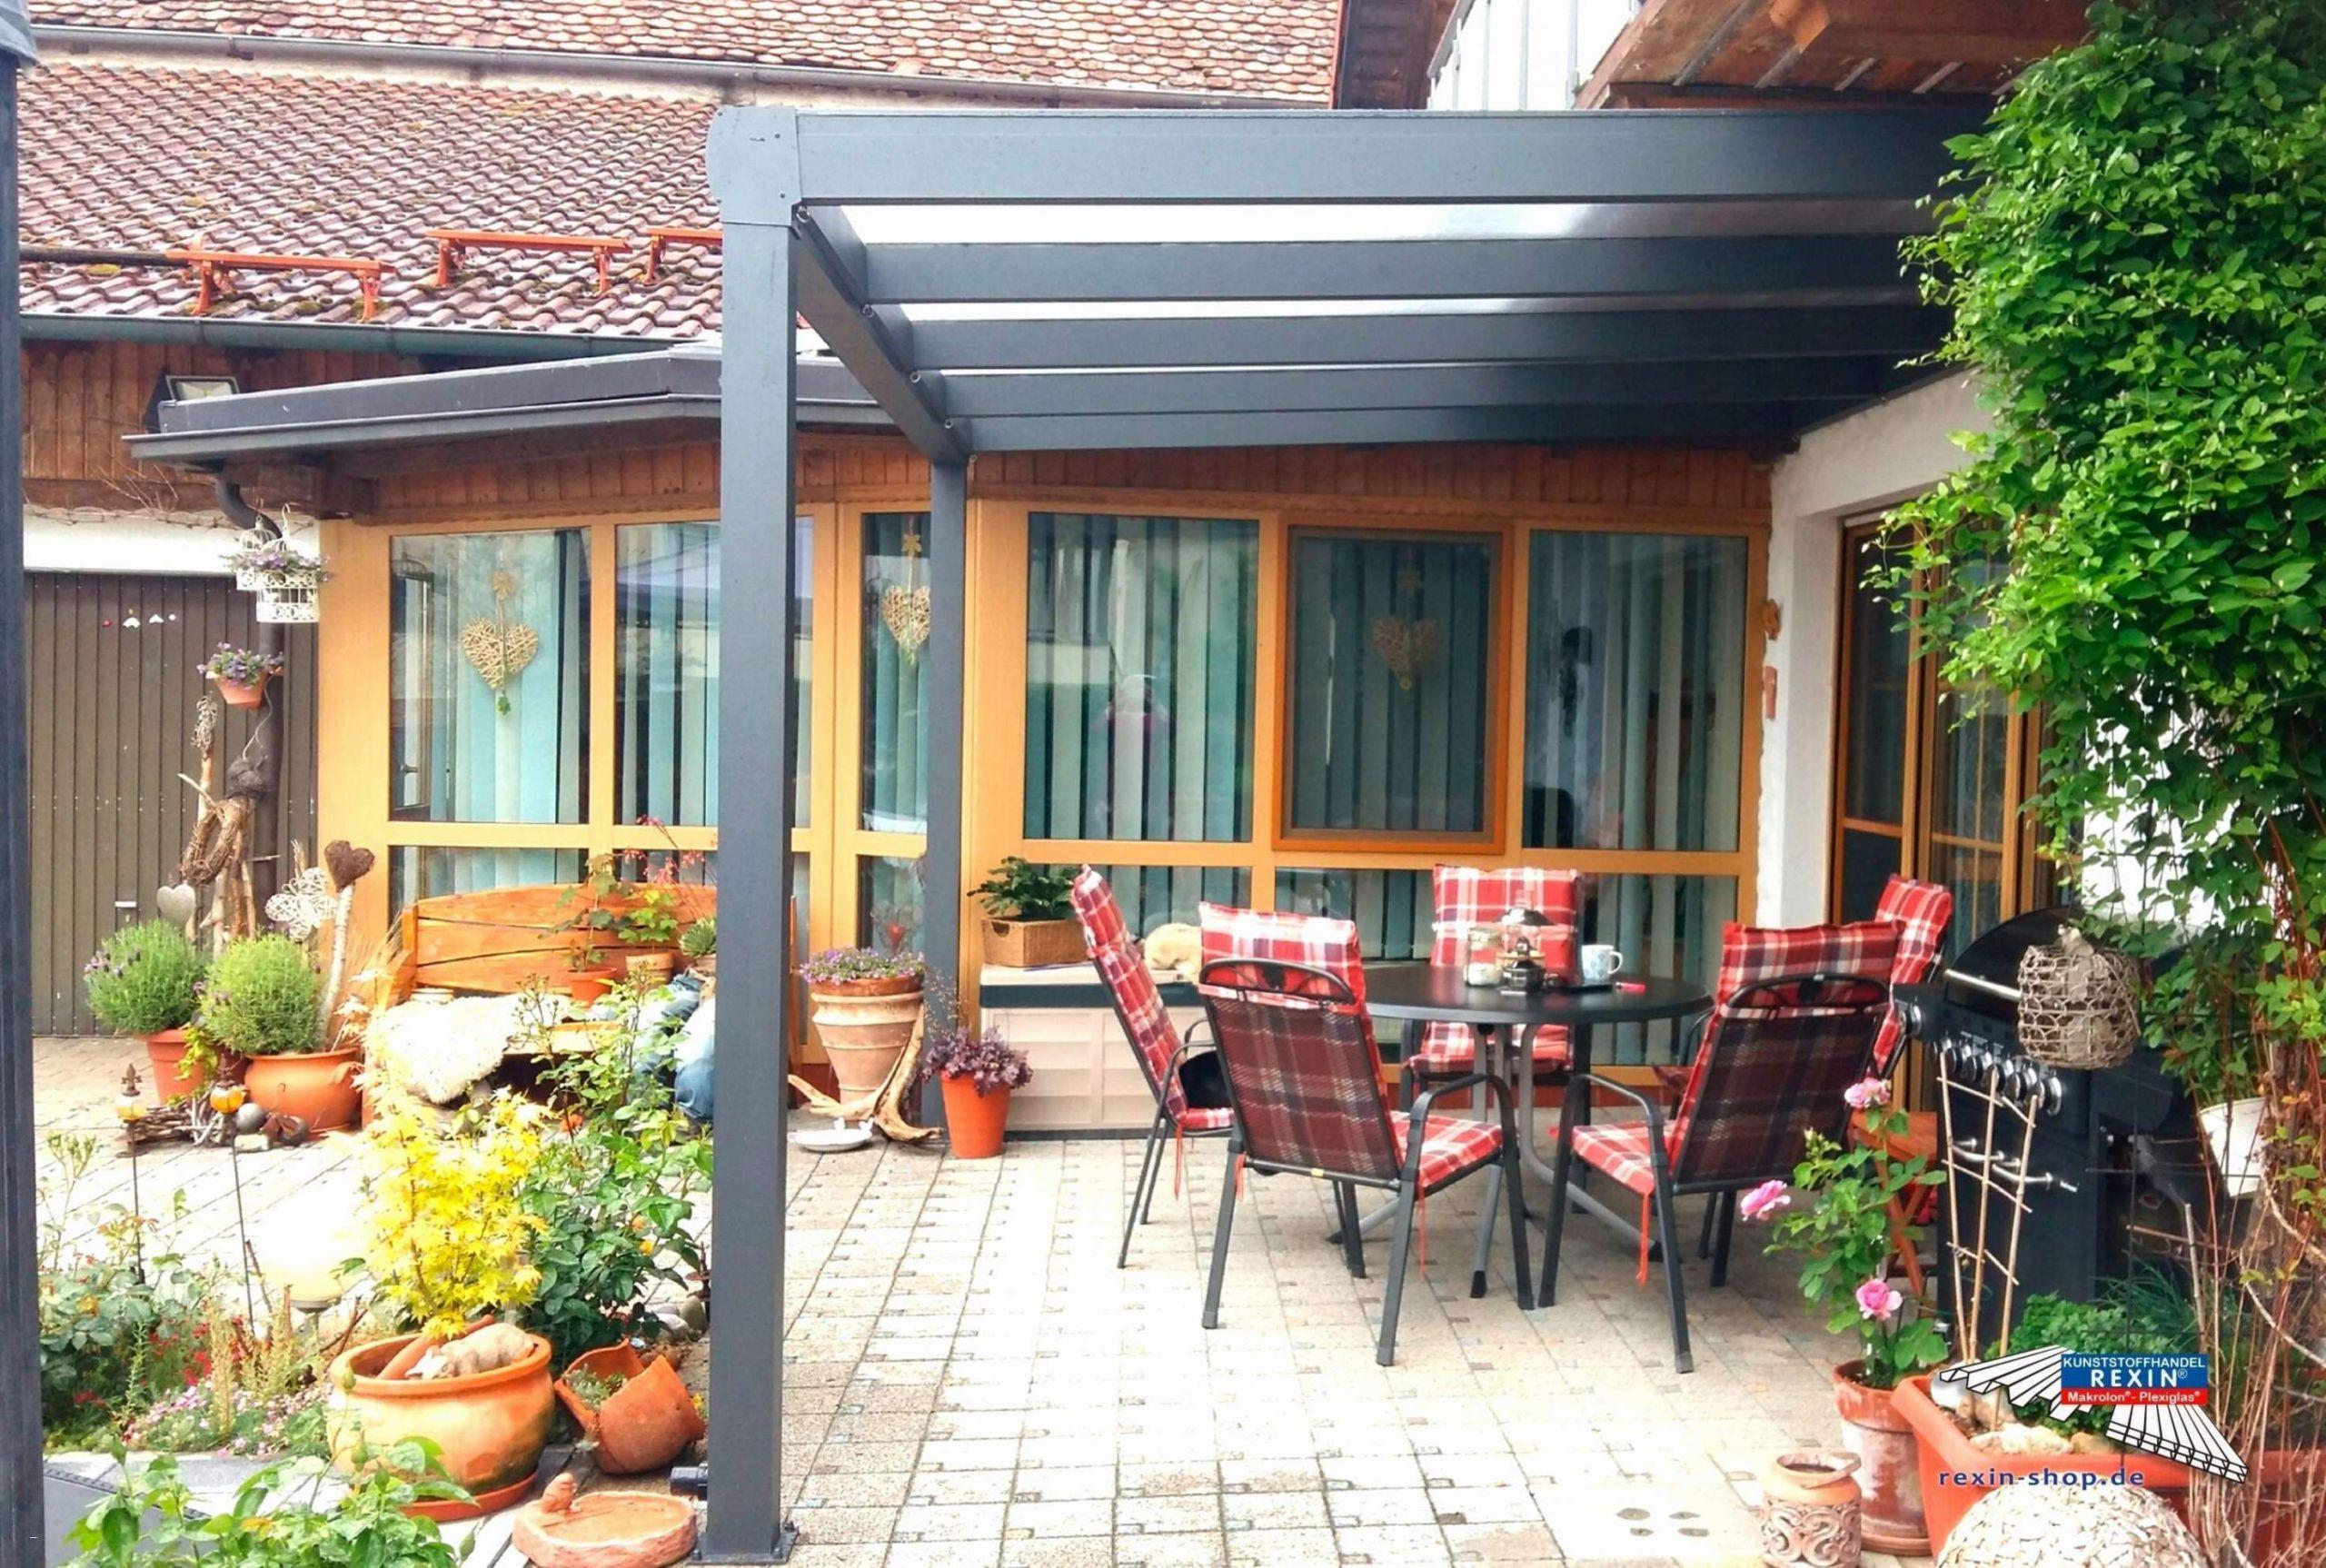 Sonnenschutz Garten Elegant sonnenschutz Im Garten — Temobardz Home Blog